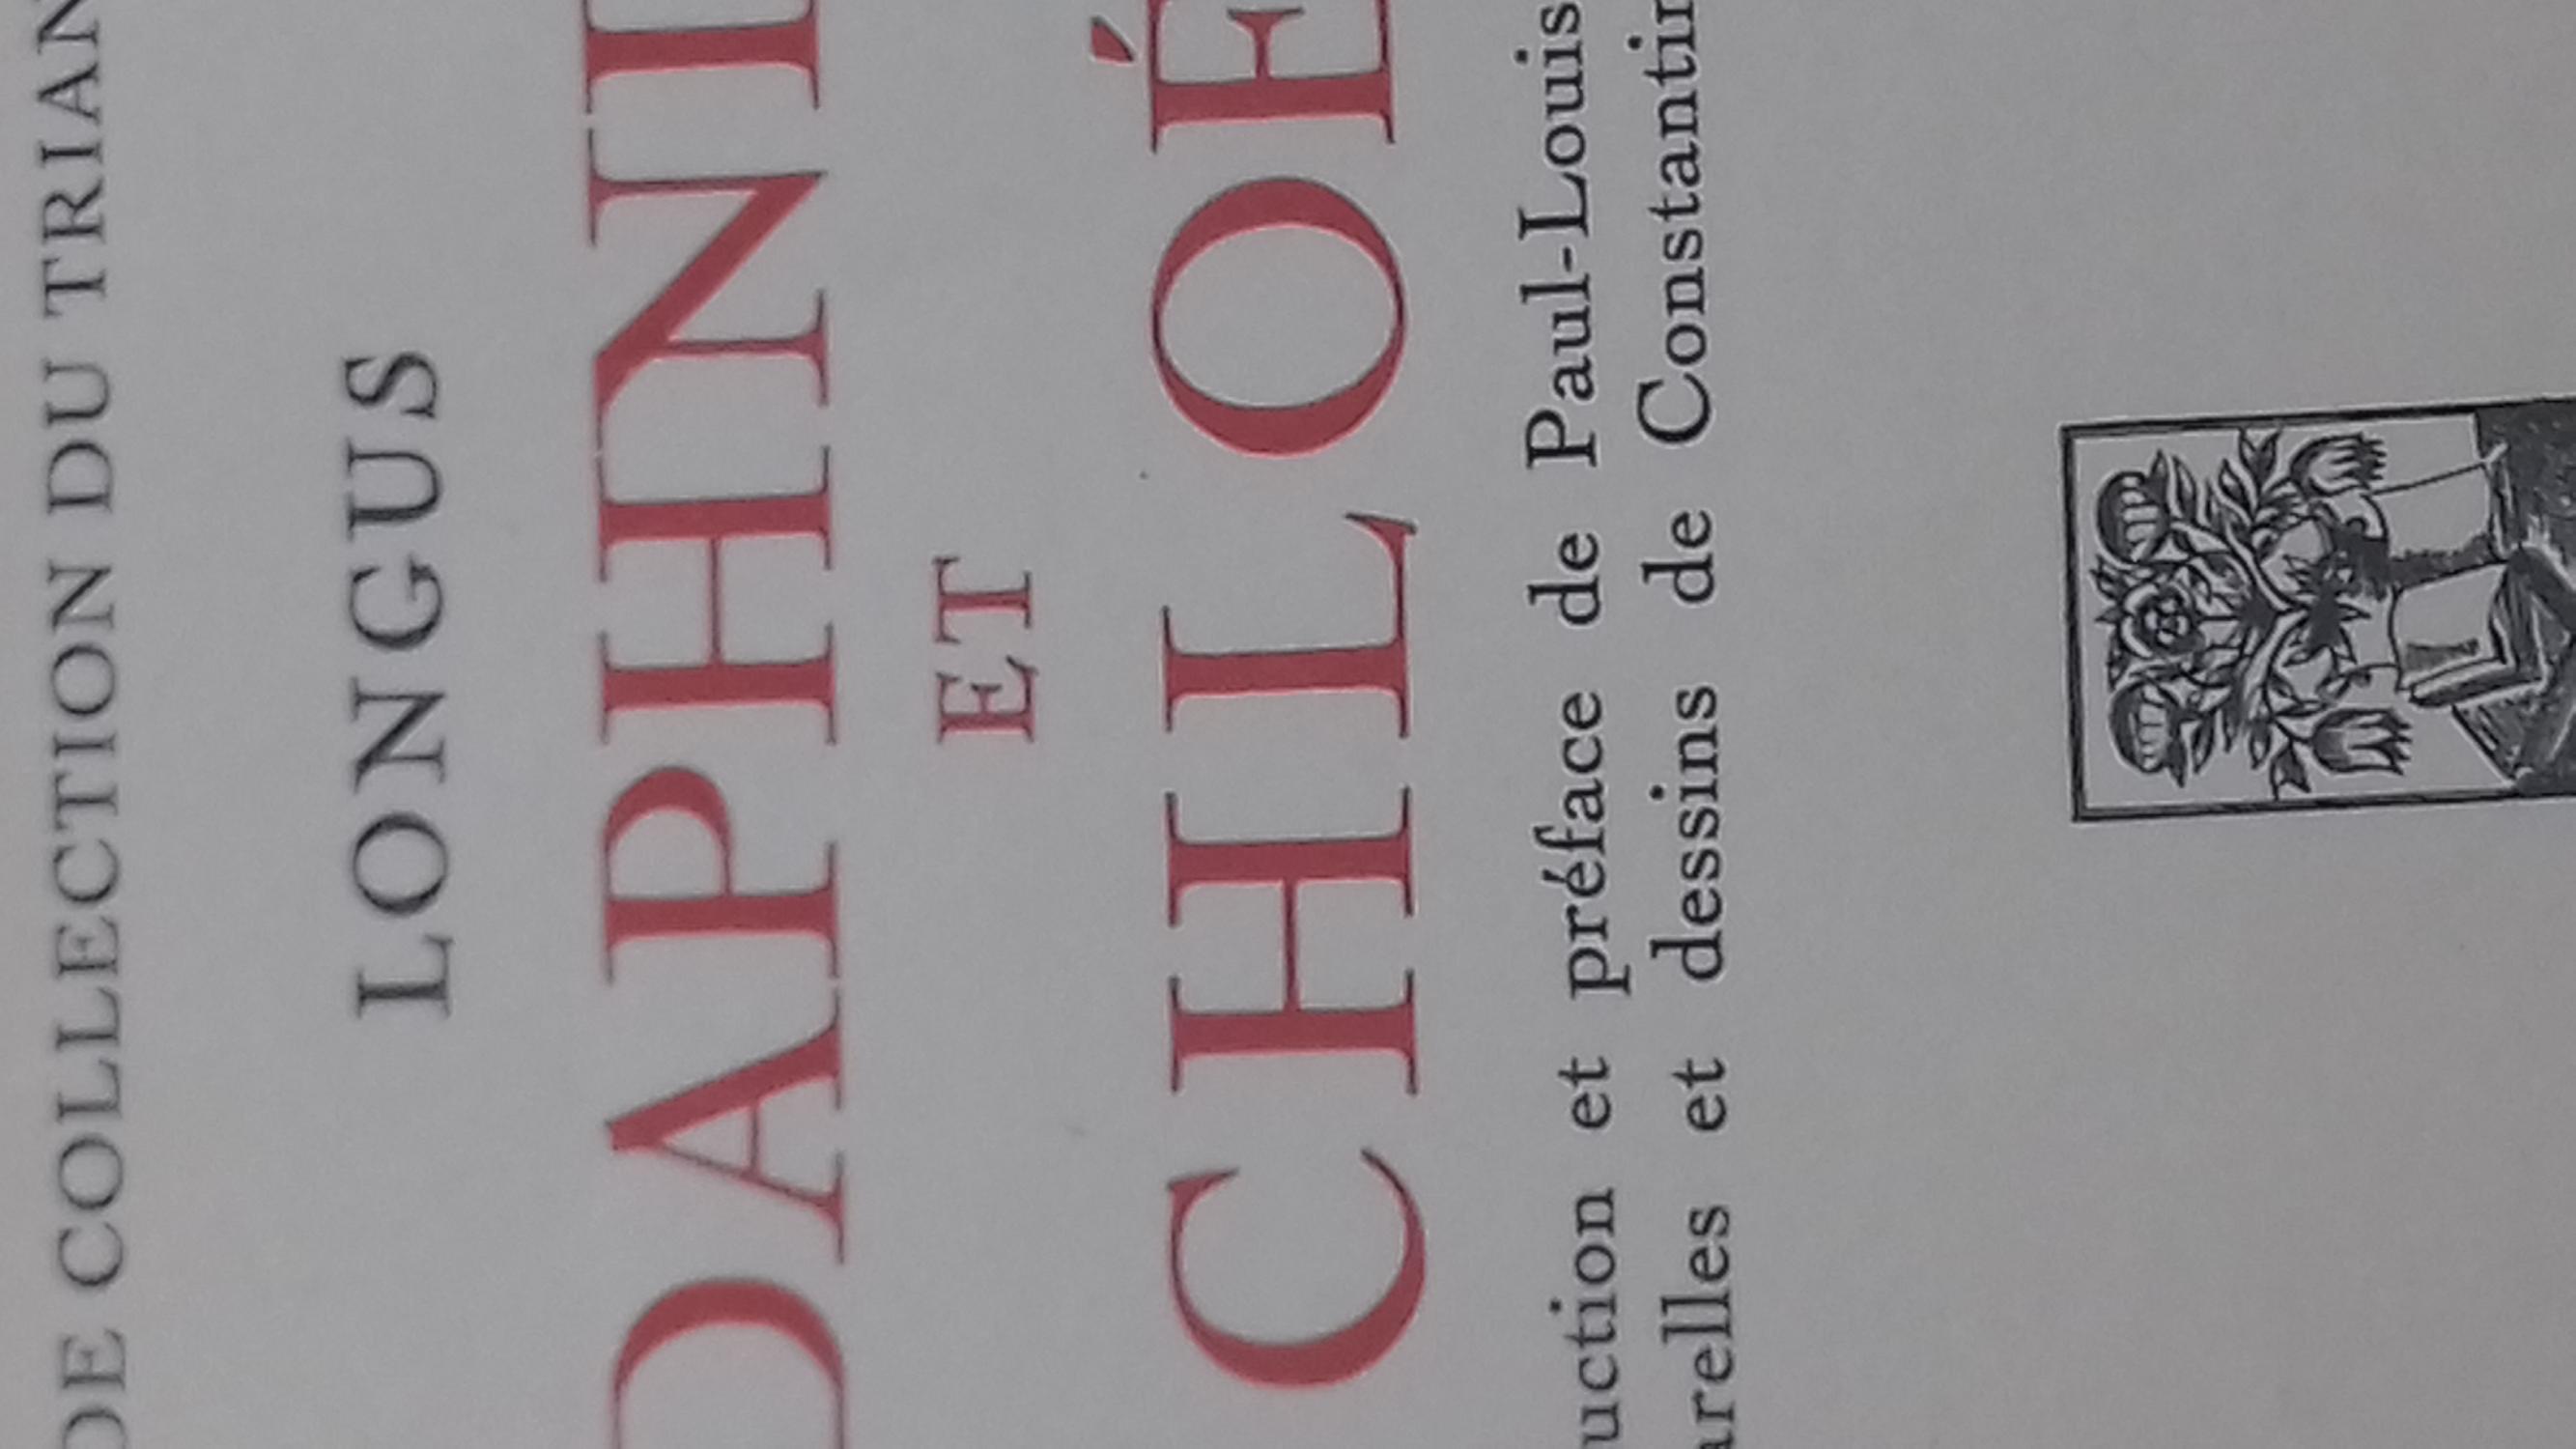 Daphnis et Chloé Traduction et préface de Paul-Louis Courier longus Fine Hardcover 1931 reliure demi cuir